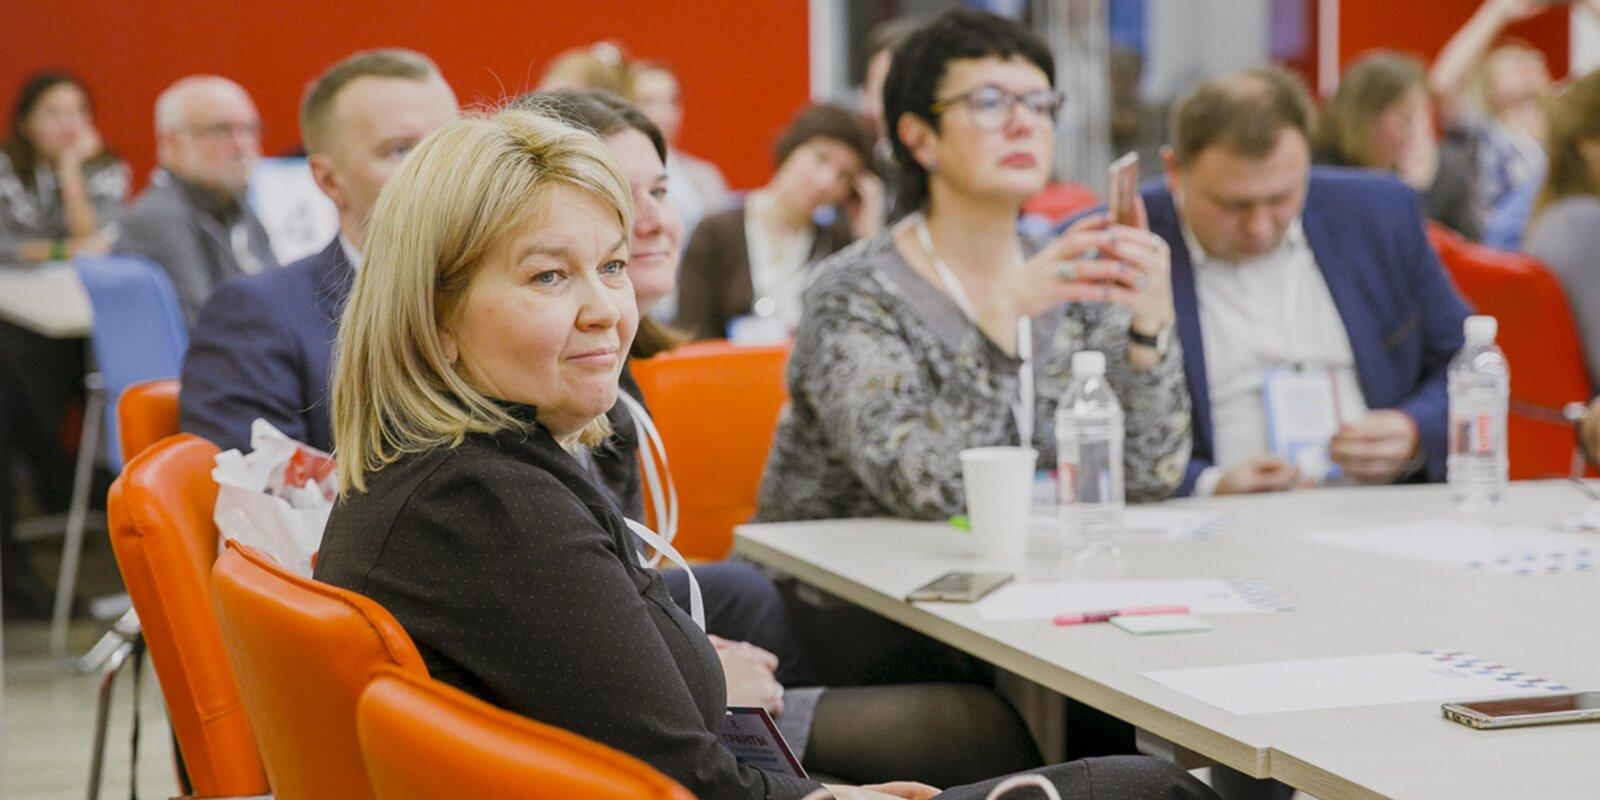 Пресс-служба Комитета общественных связей и молодежной политики города Москвы